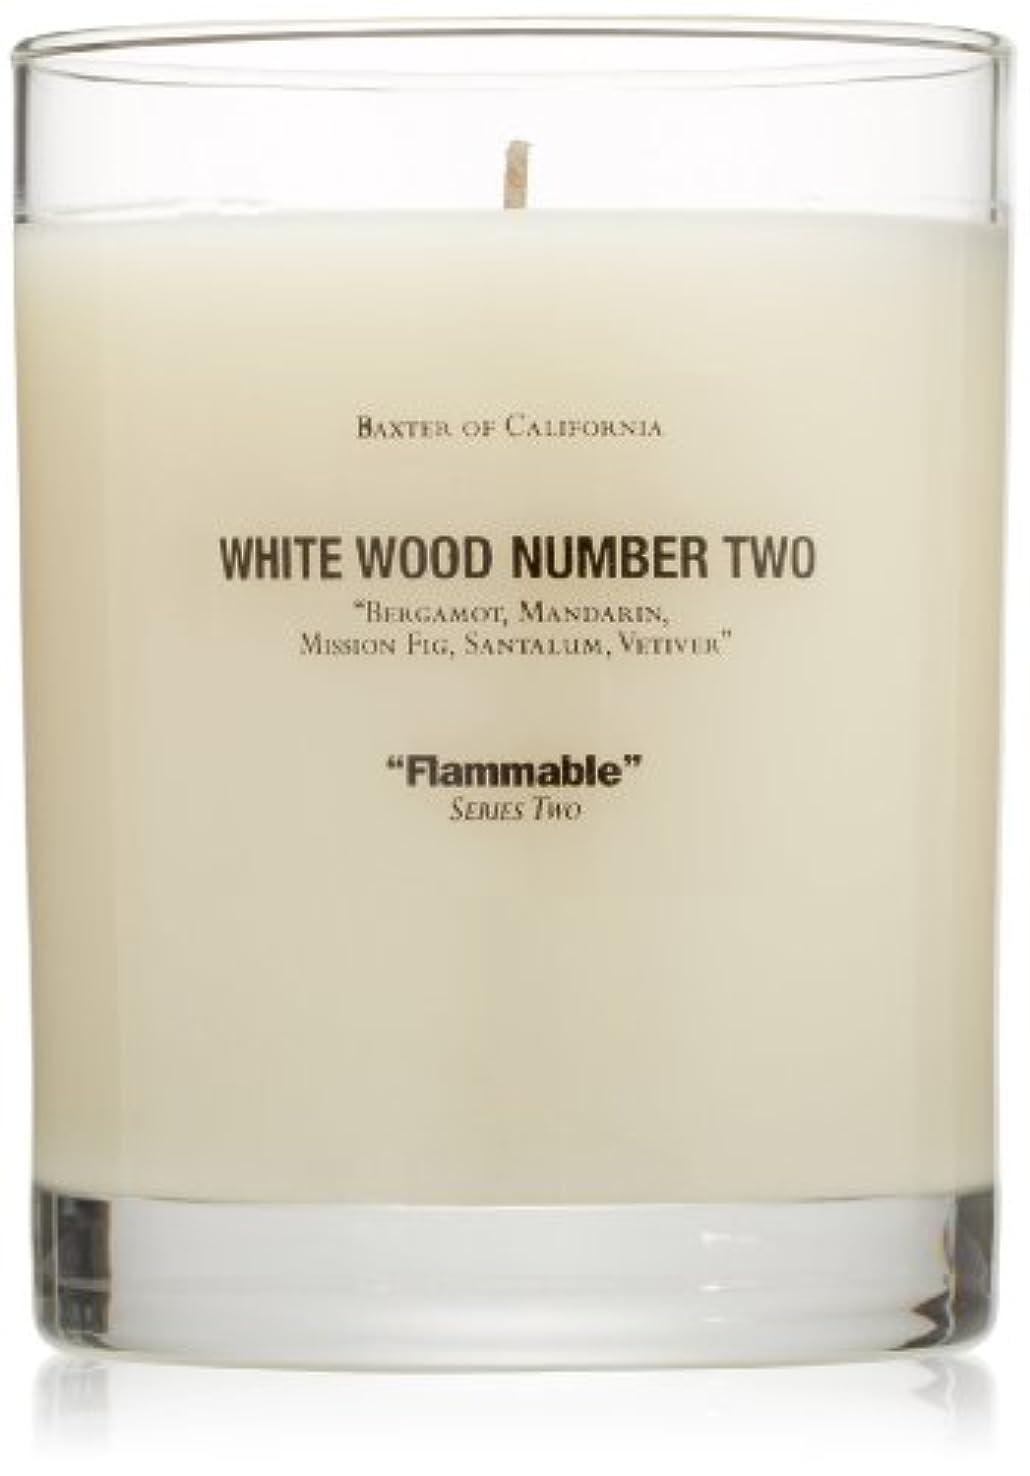 老朽化した退屈させる菊Baxter OF CALIFORNIA(バクスター オブ カリフォルニア) ホワイトウッドキャンドルtwo 255g